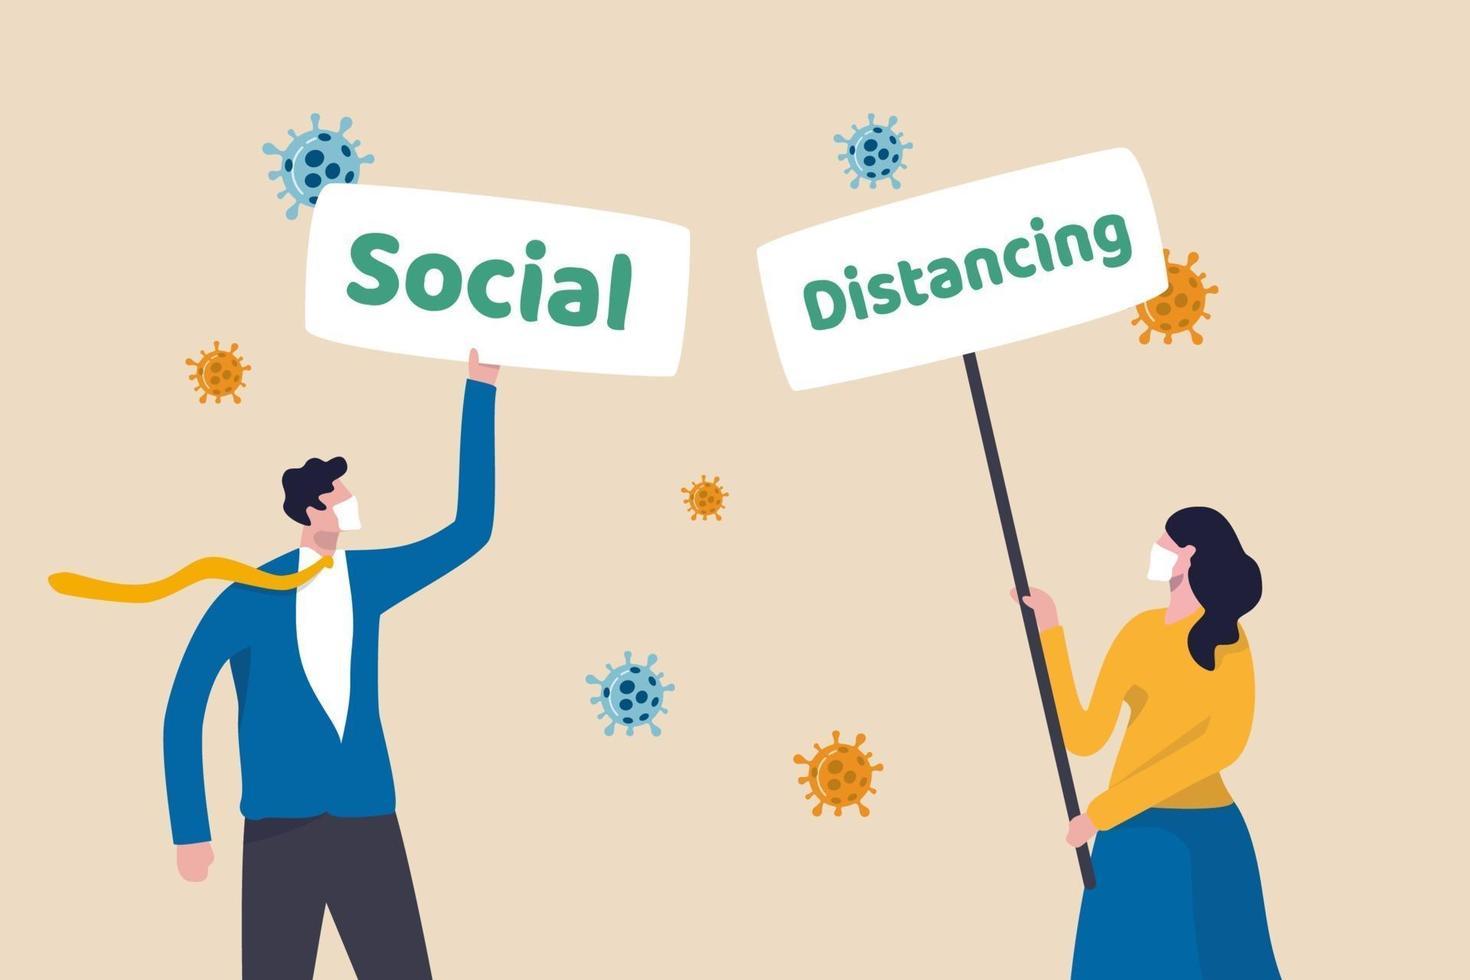 socialt distanserande tecken i coronavirus covid-19 utbrott för att hålla avstånd för att förhindra sjukdomskonceptet, människor som bär ansiktsmask håller skylt med ordet socialt och distanserar med viruspatogen. vektor